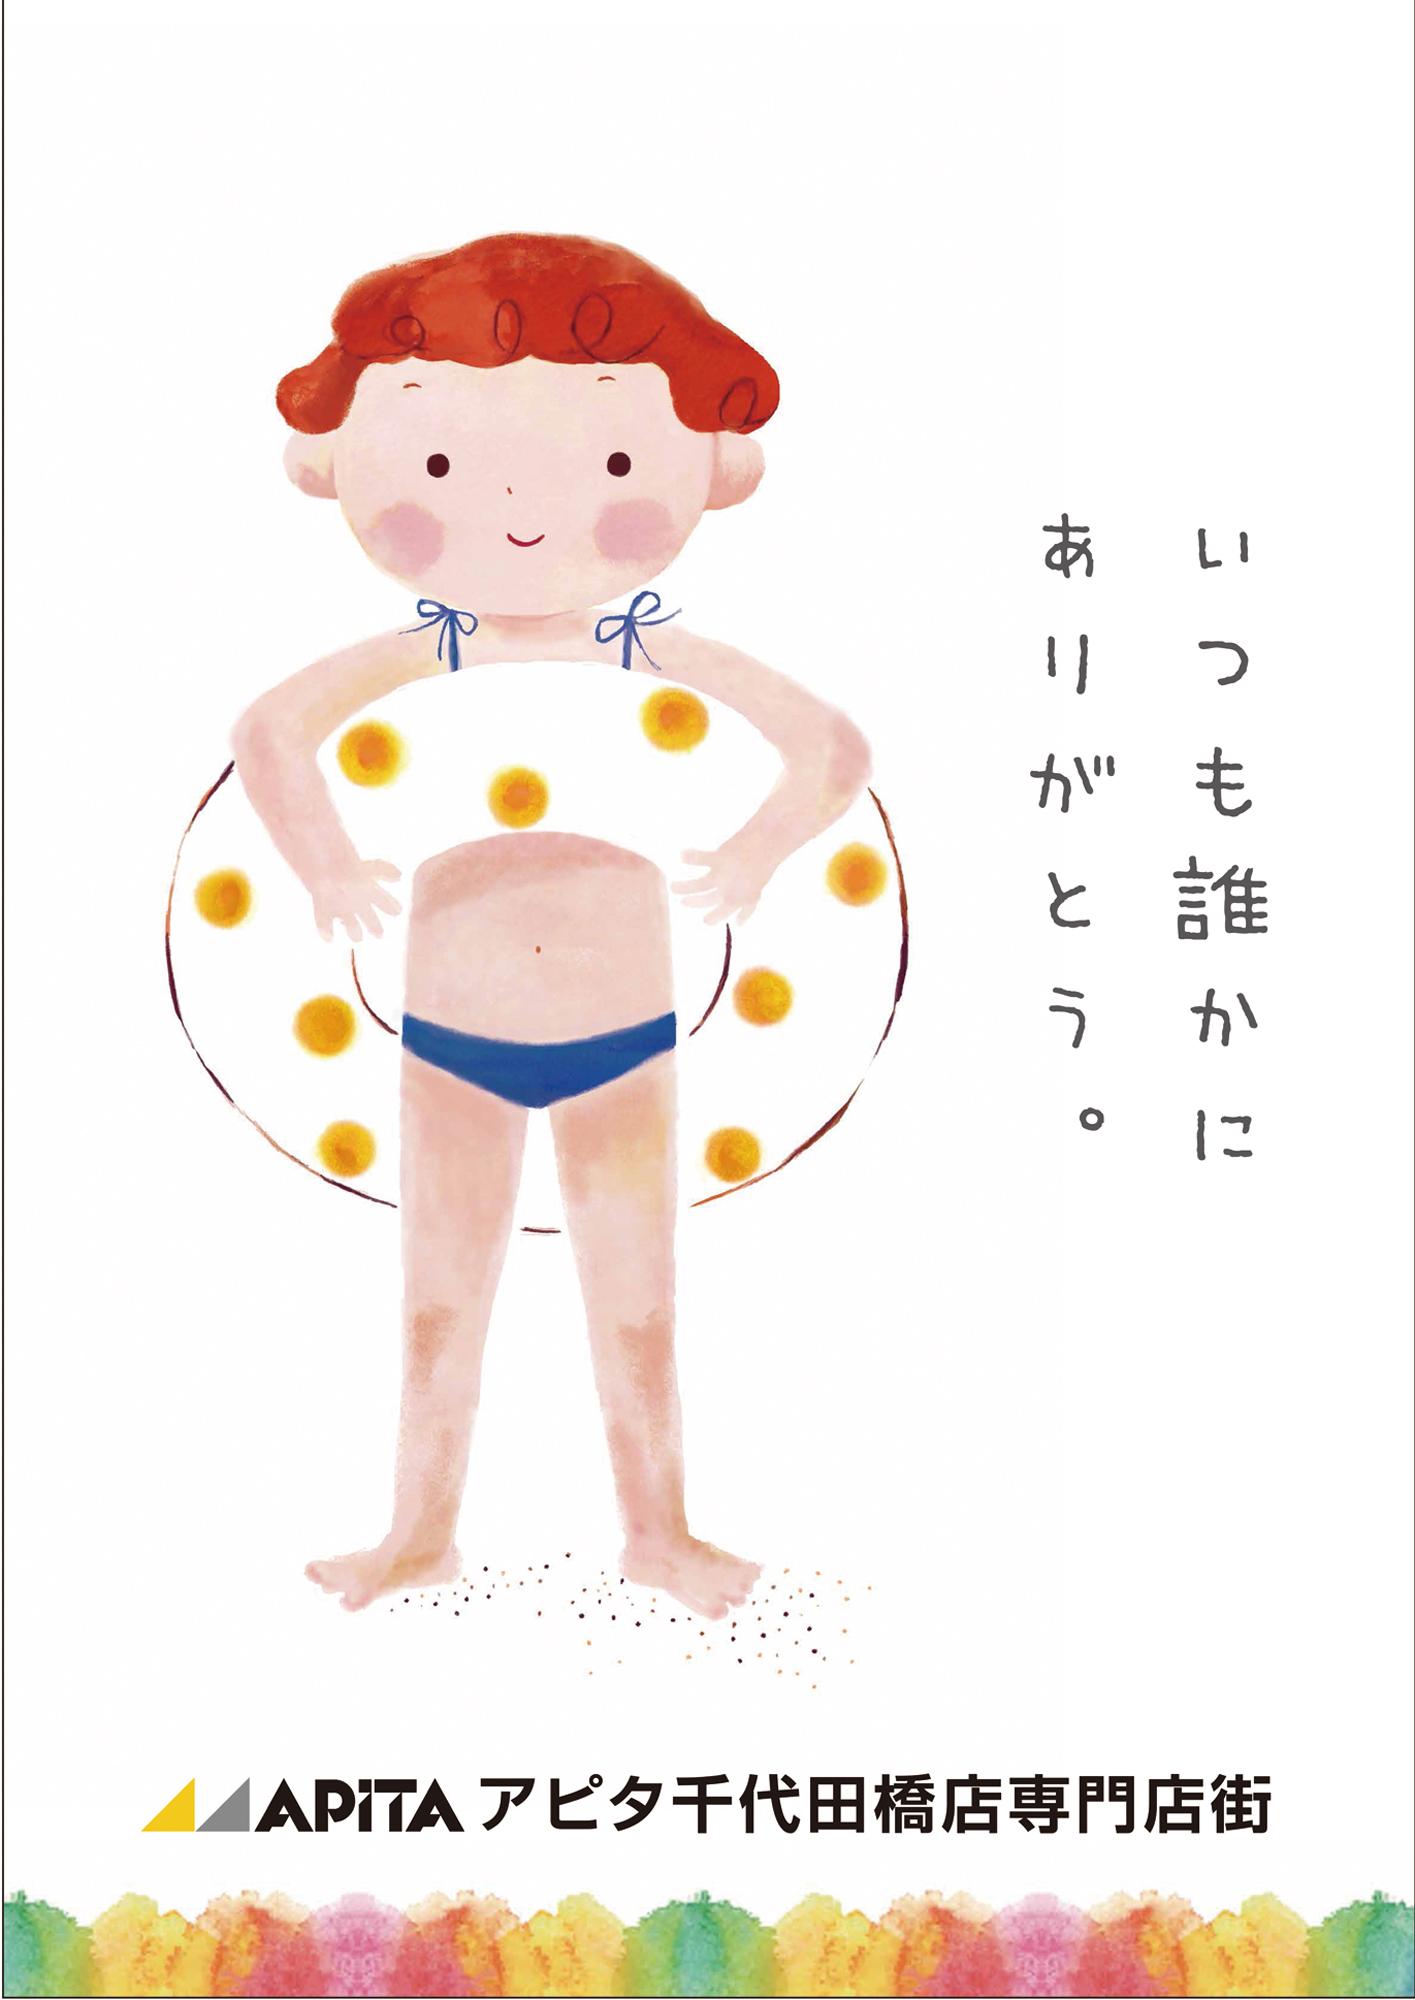 (株)ユニー apita千代田橋店店内タペストリ